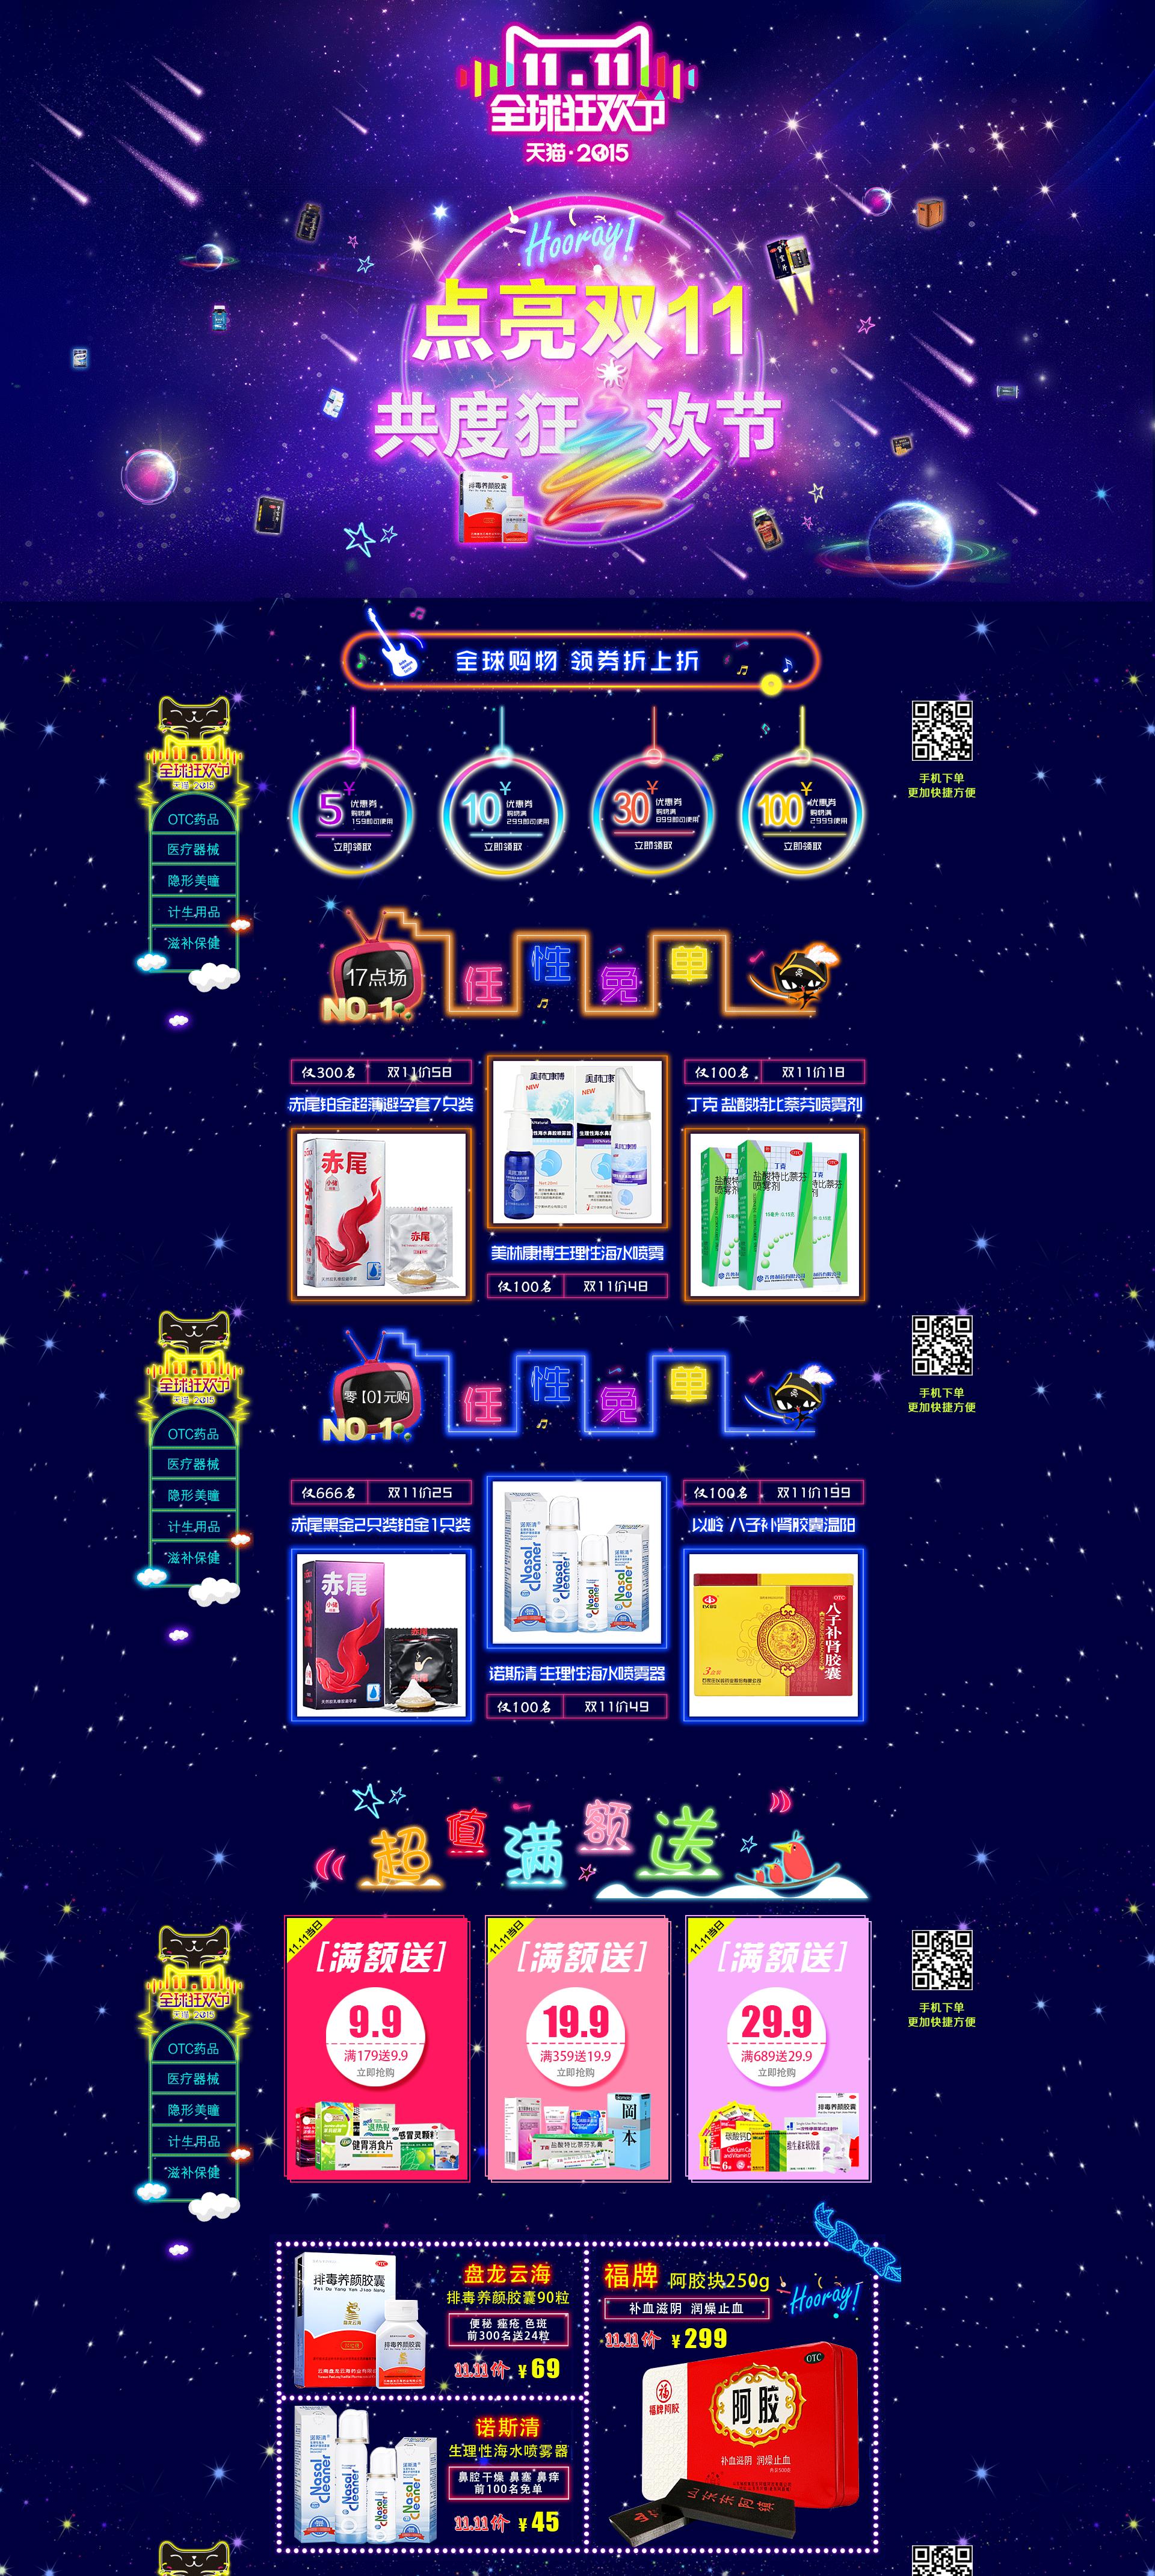 页设计/狂欢双十一/天猫大促/狂欢夜专区/双十一电商页面/网页设计/ui图片